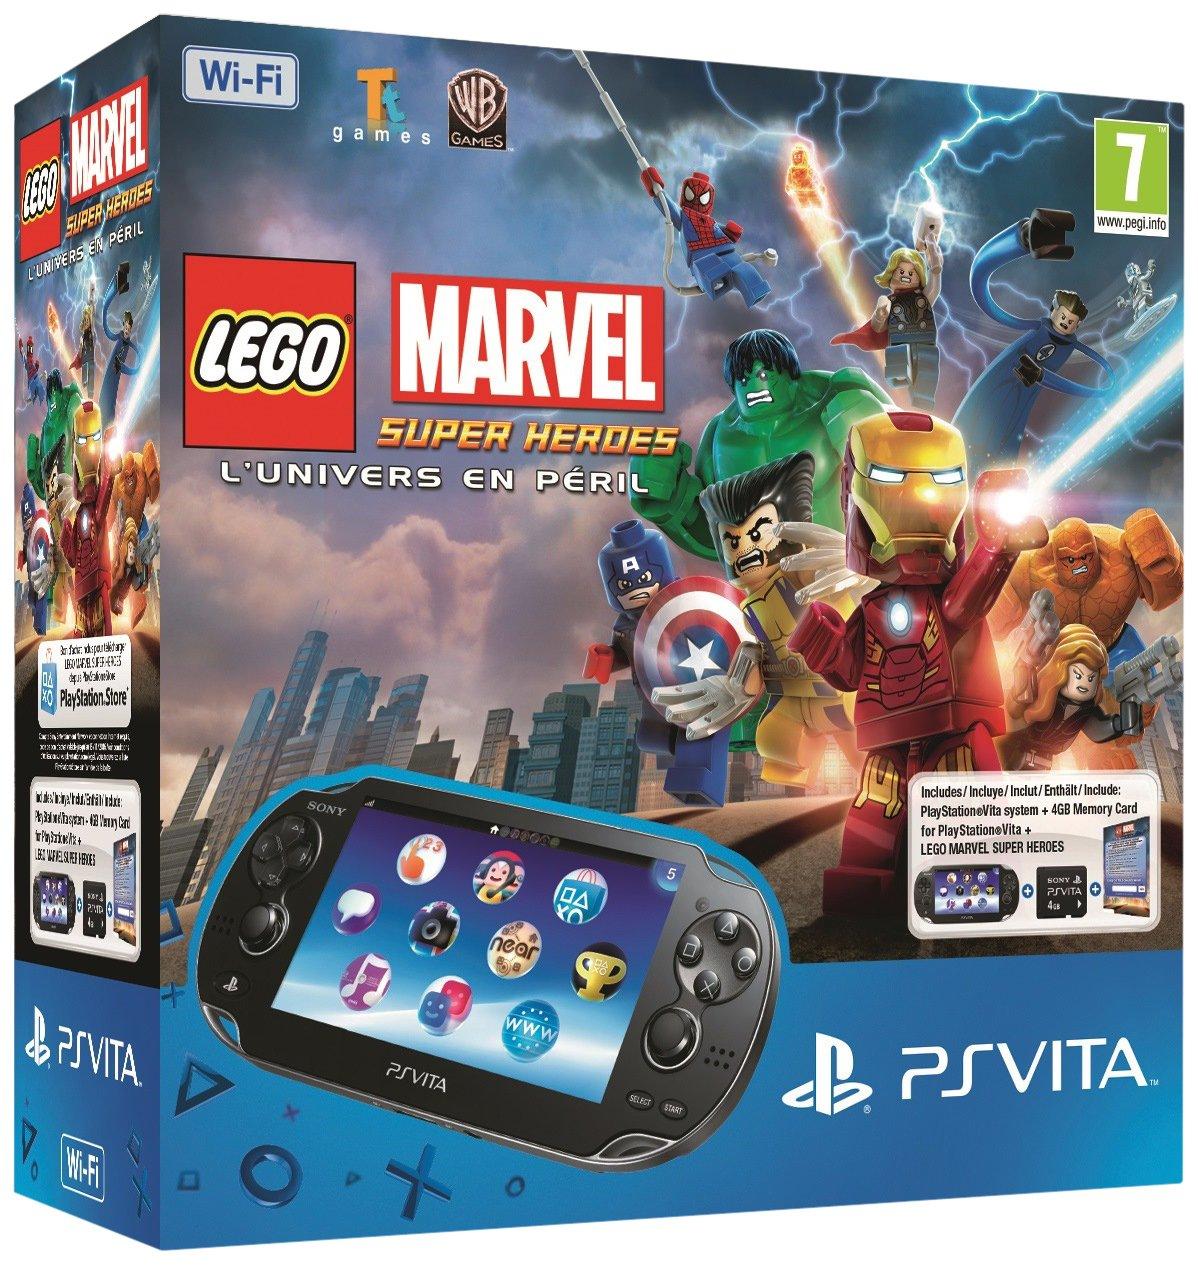 Console Playstation Vita Wifi + Jeu À Télécharger Légo ...